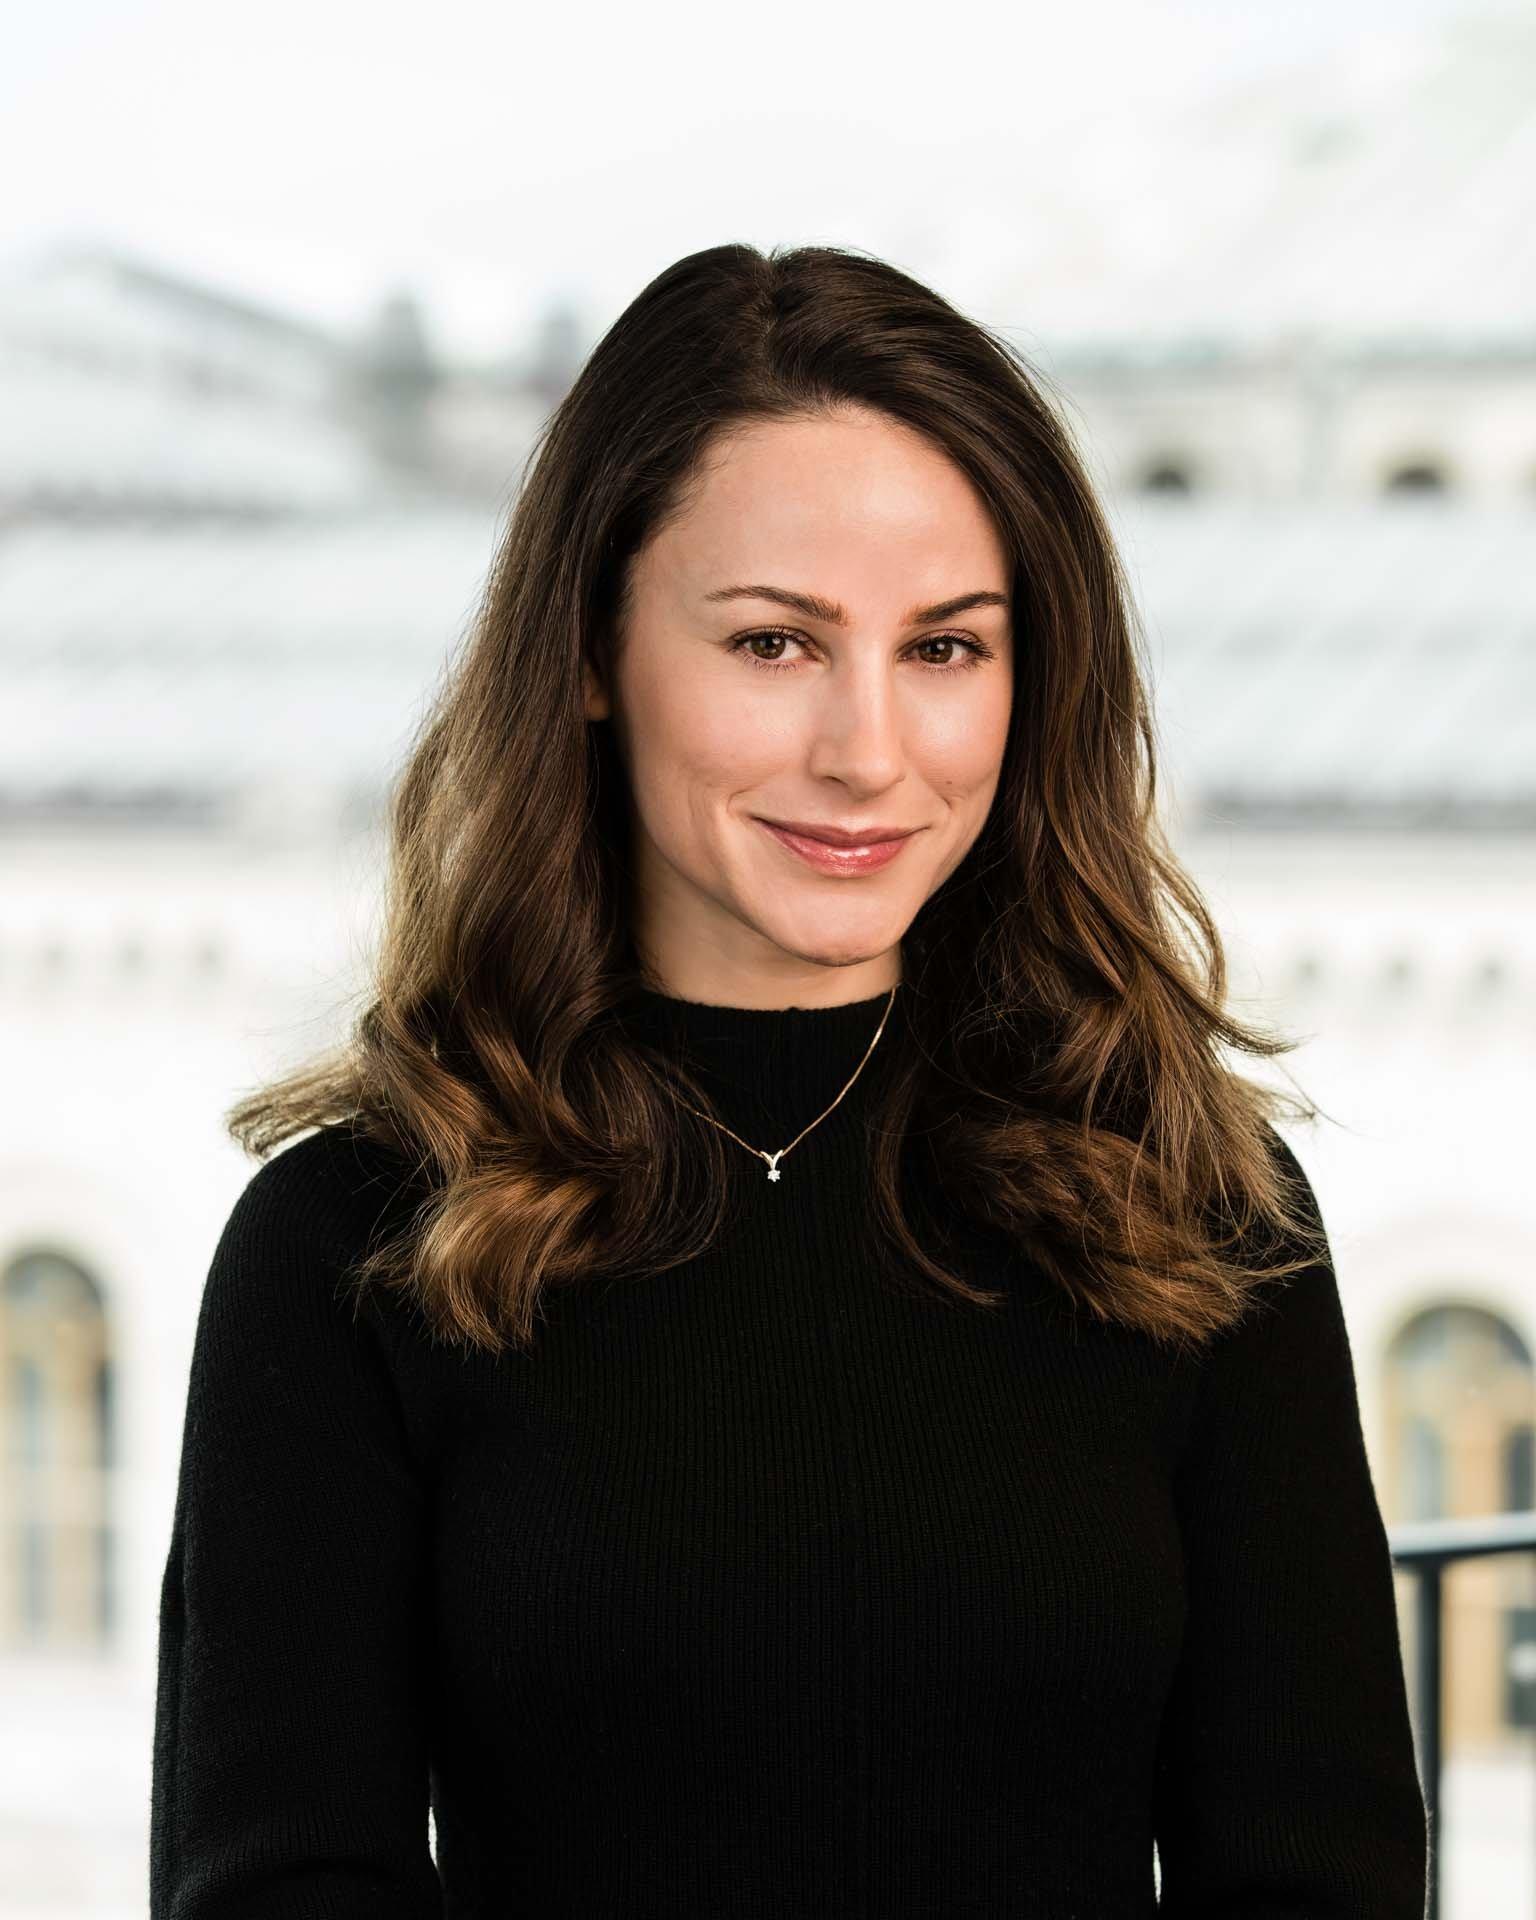 Malin Sophie Bjerkan